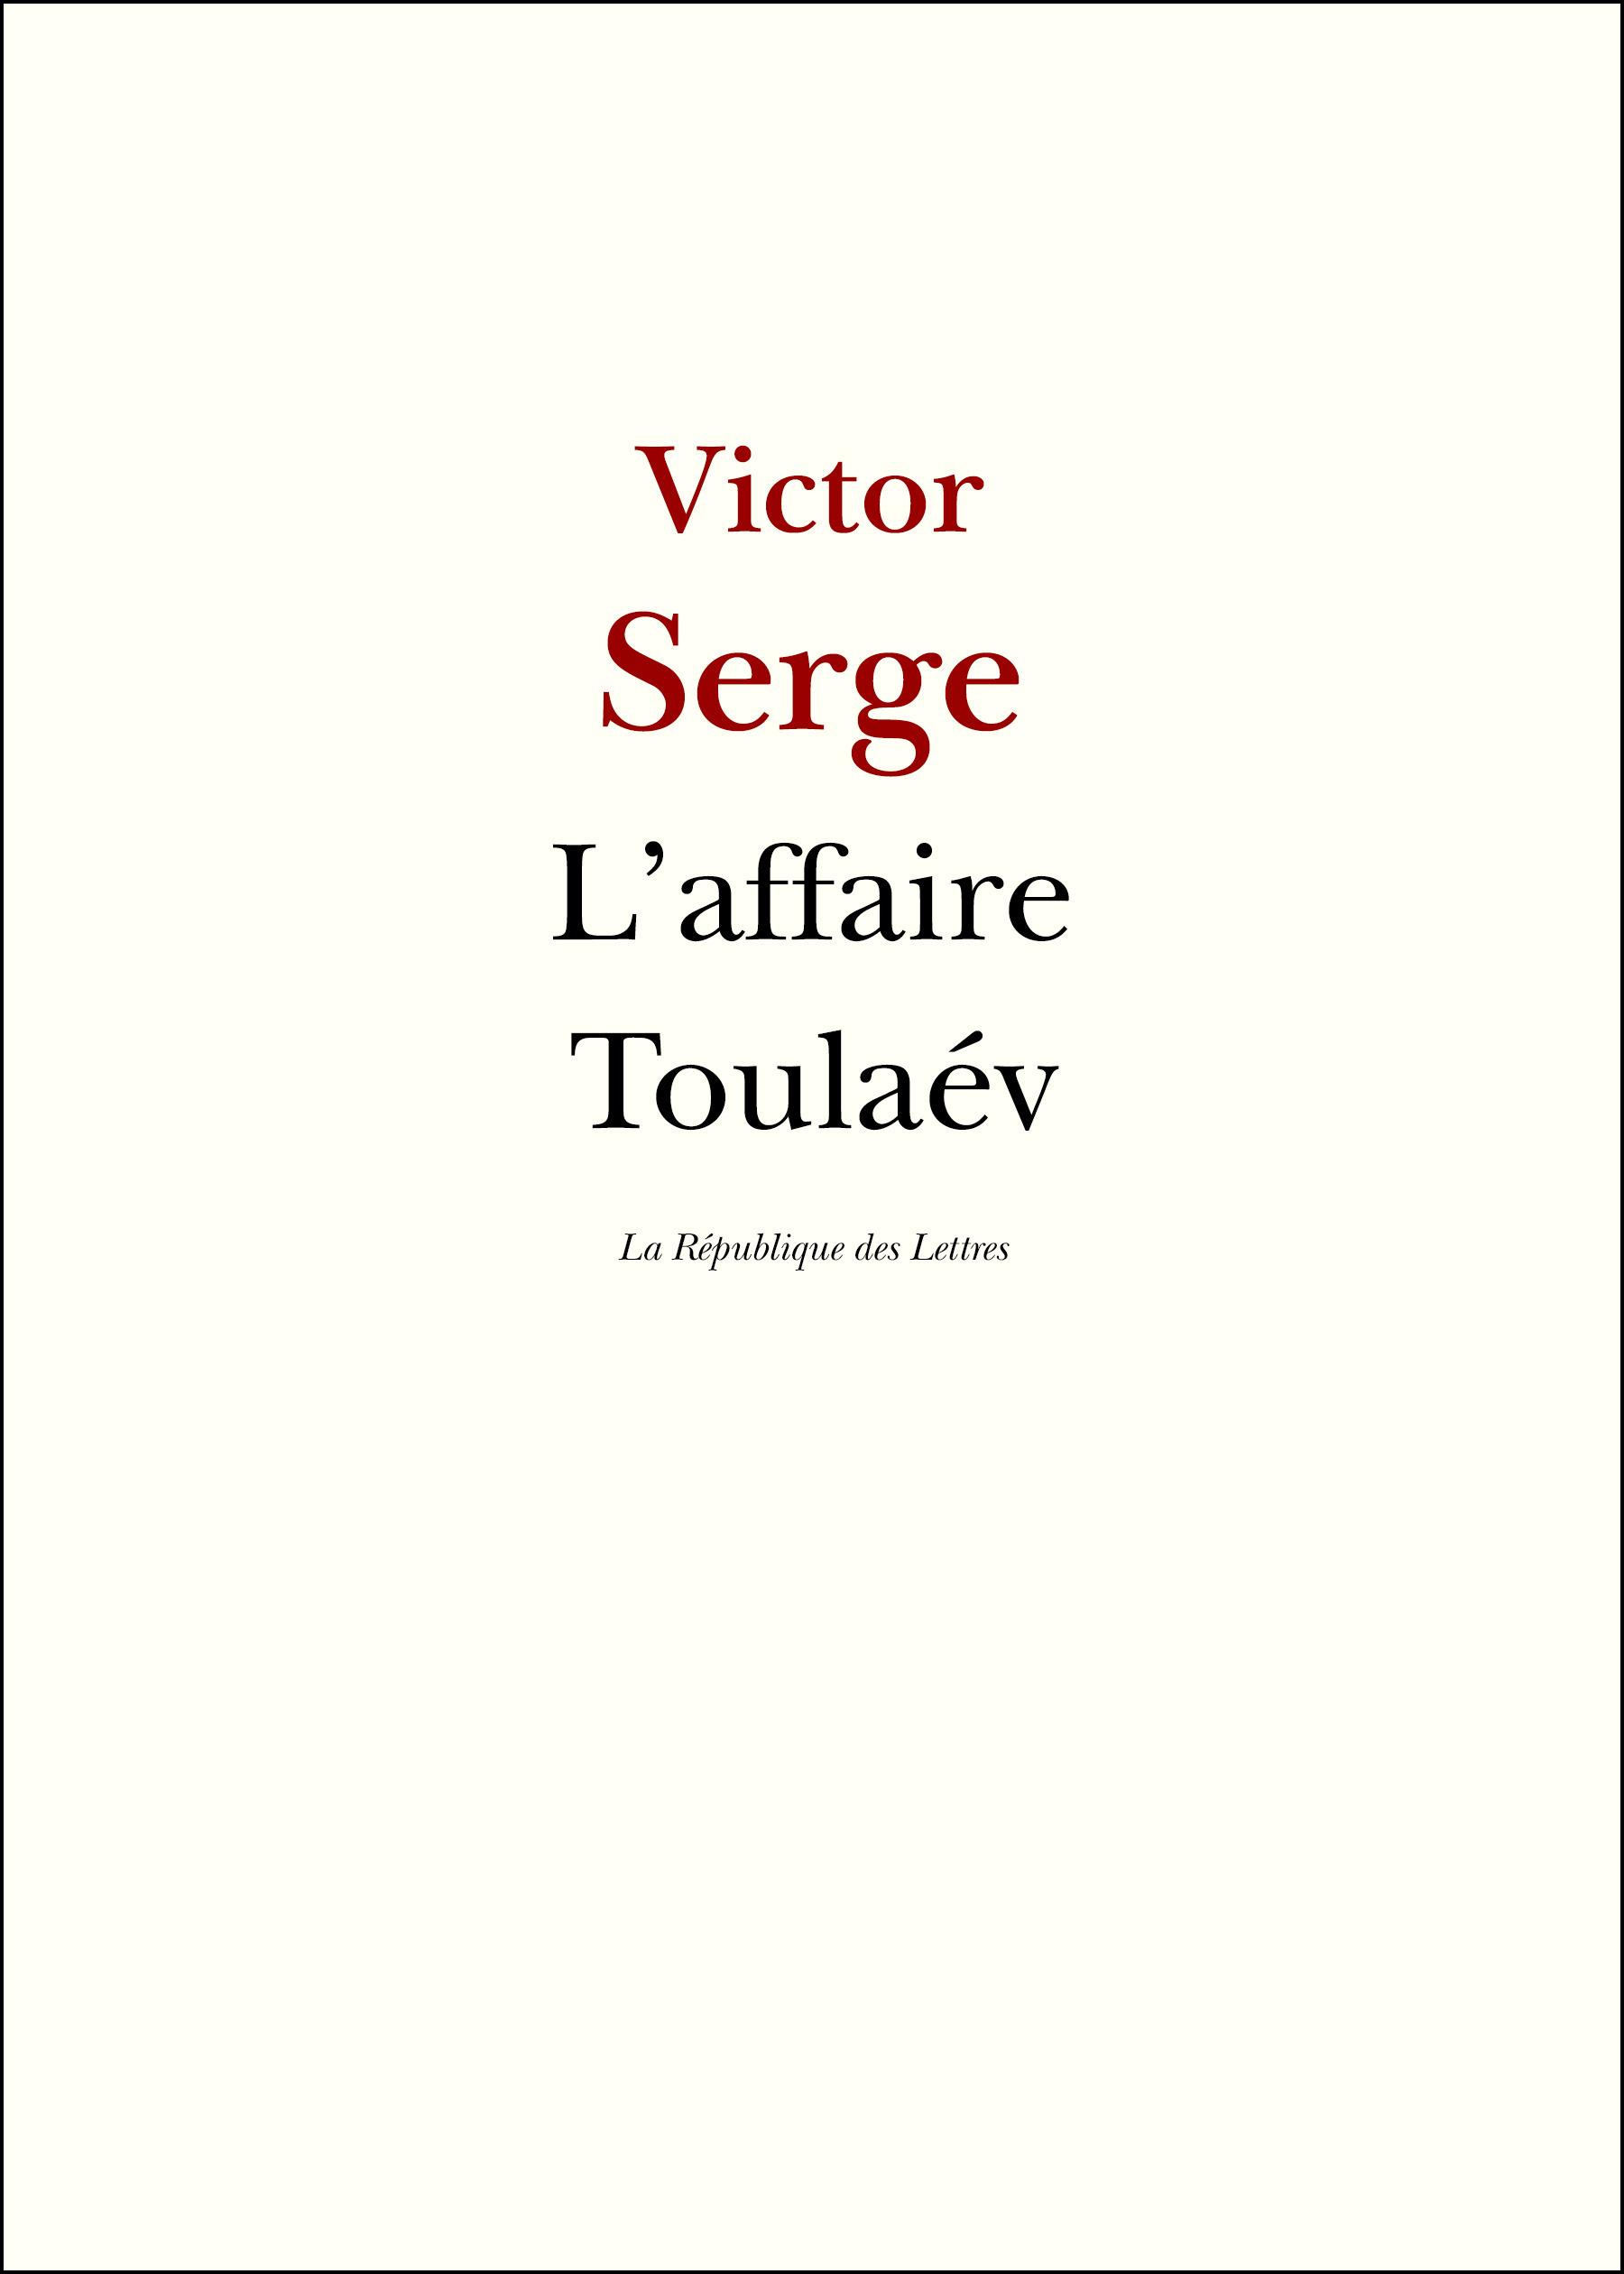 L'affaire Toulaev ; un roman révolutionnaire